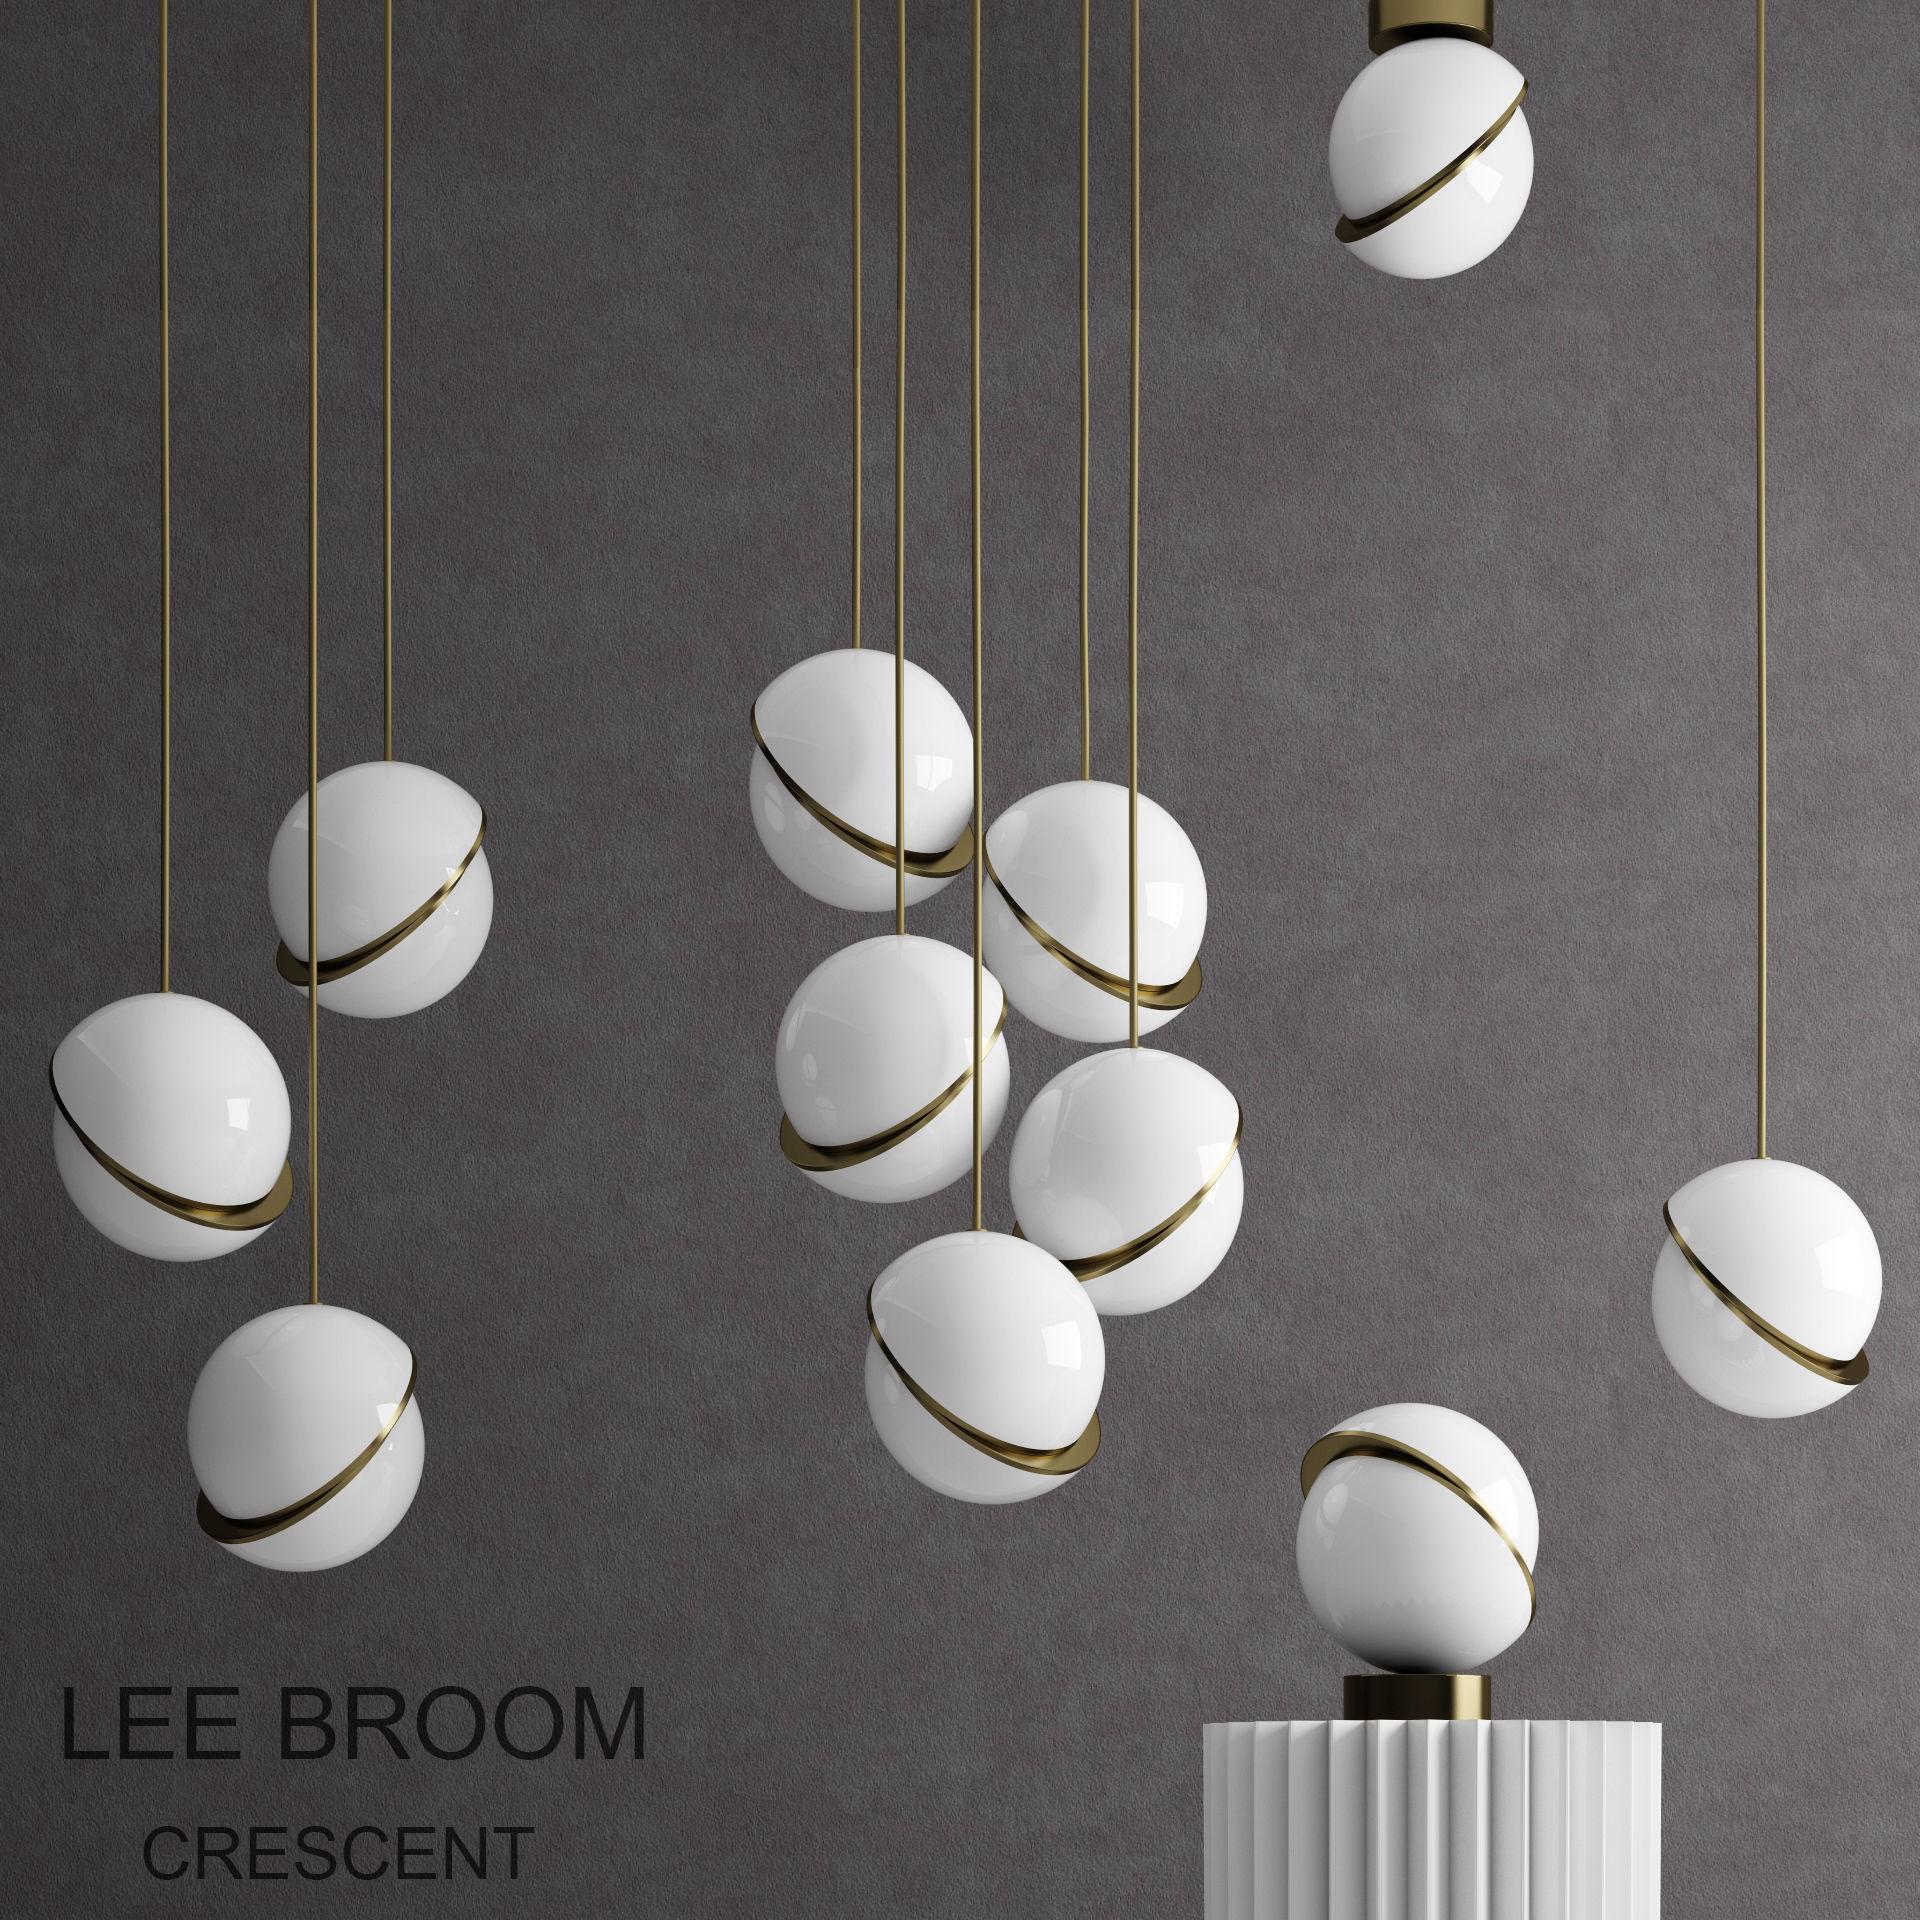 Lee Broom Crescent Pendant Lighting Model